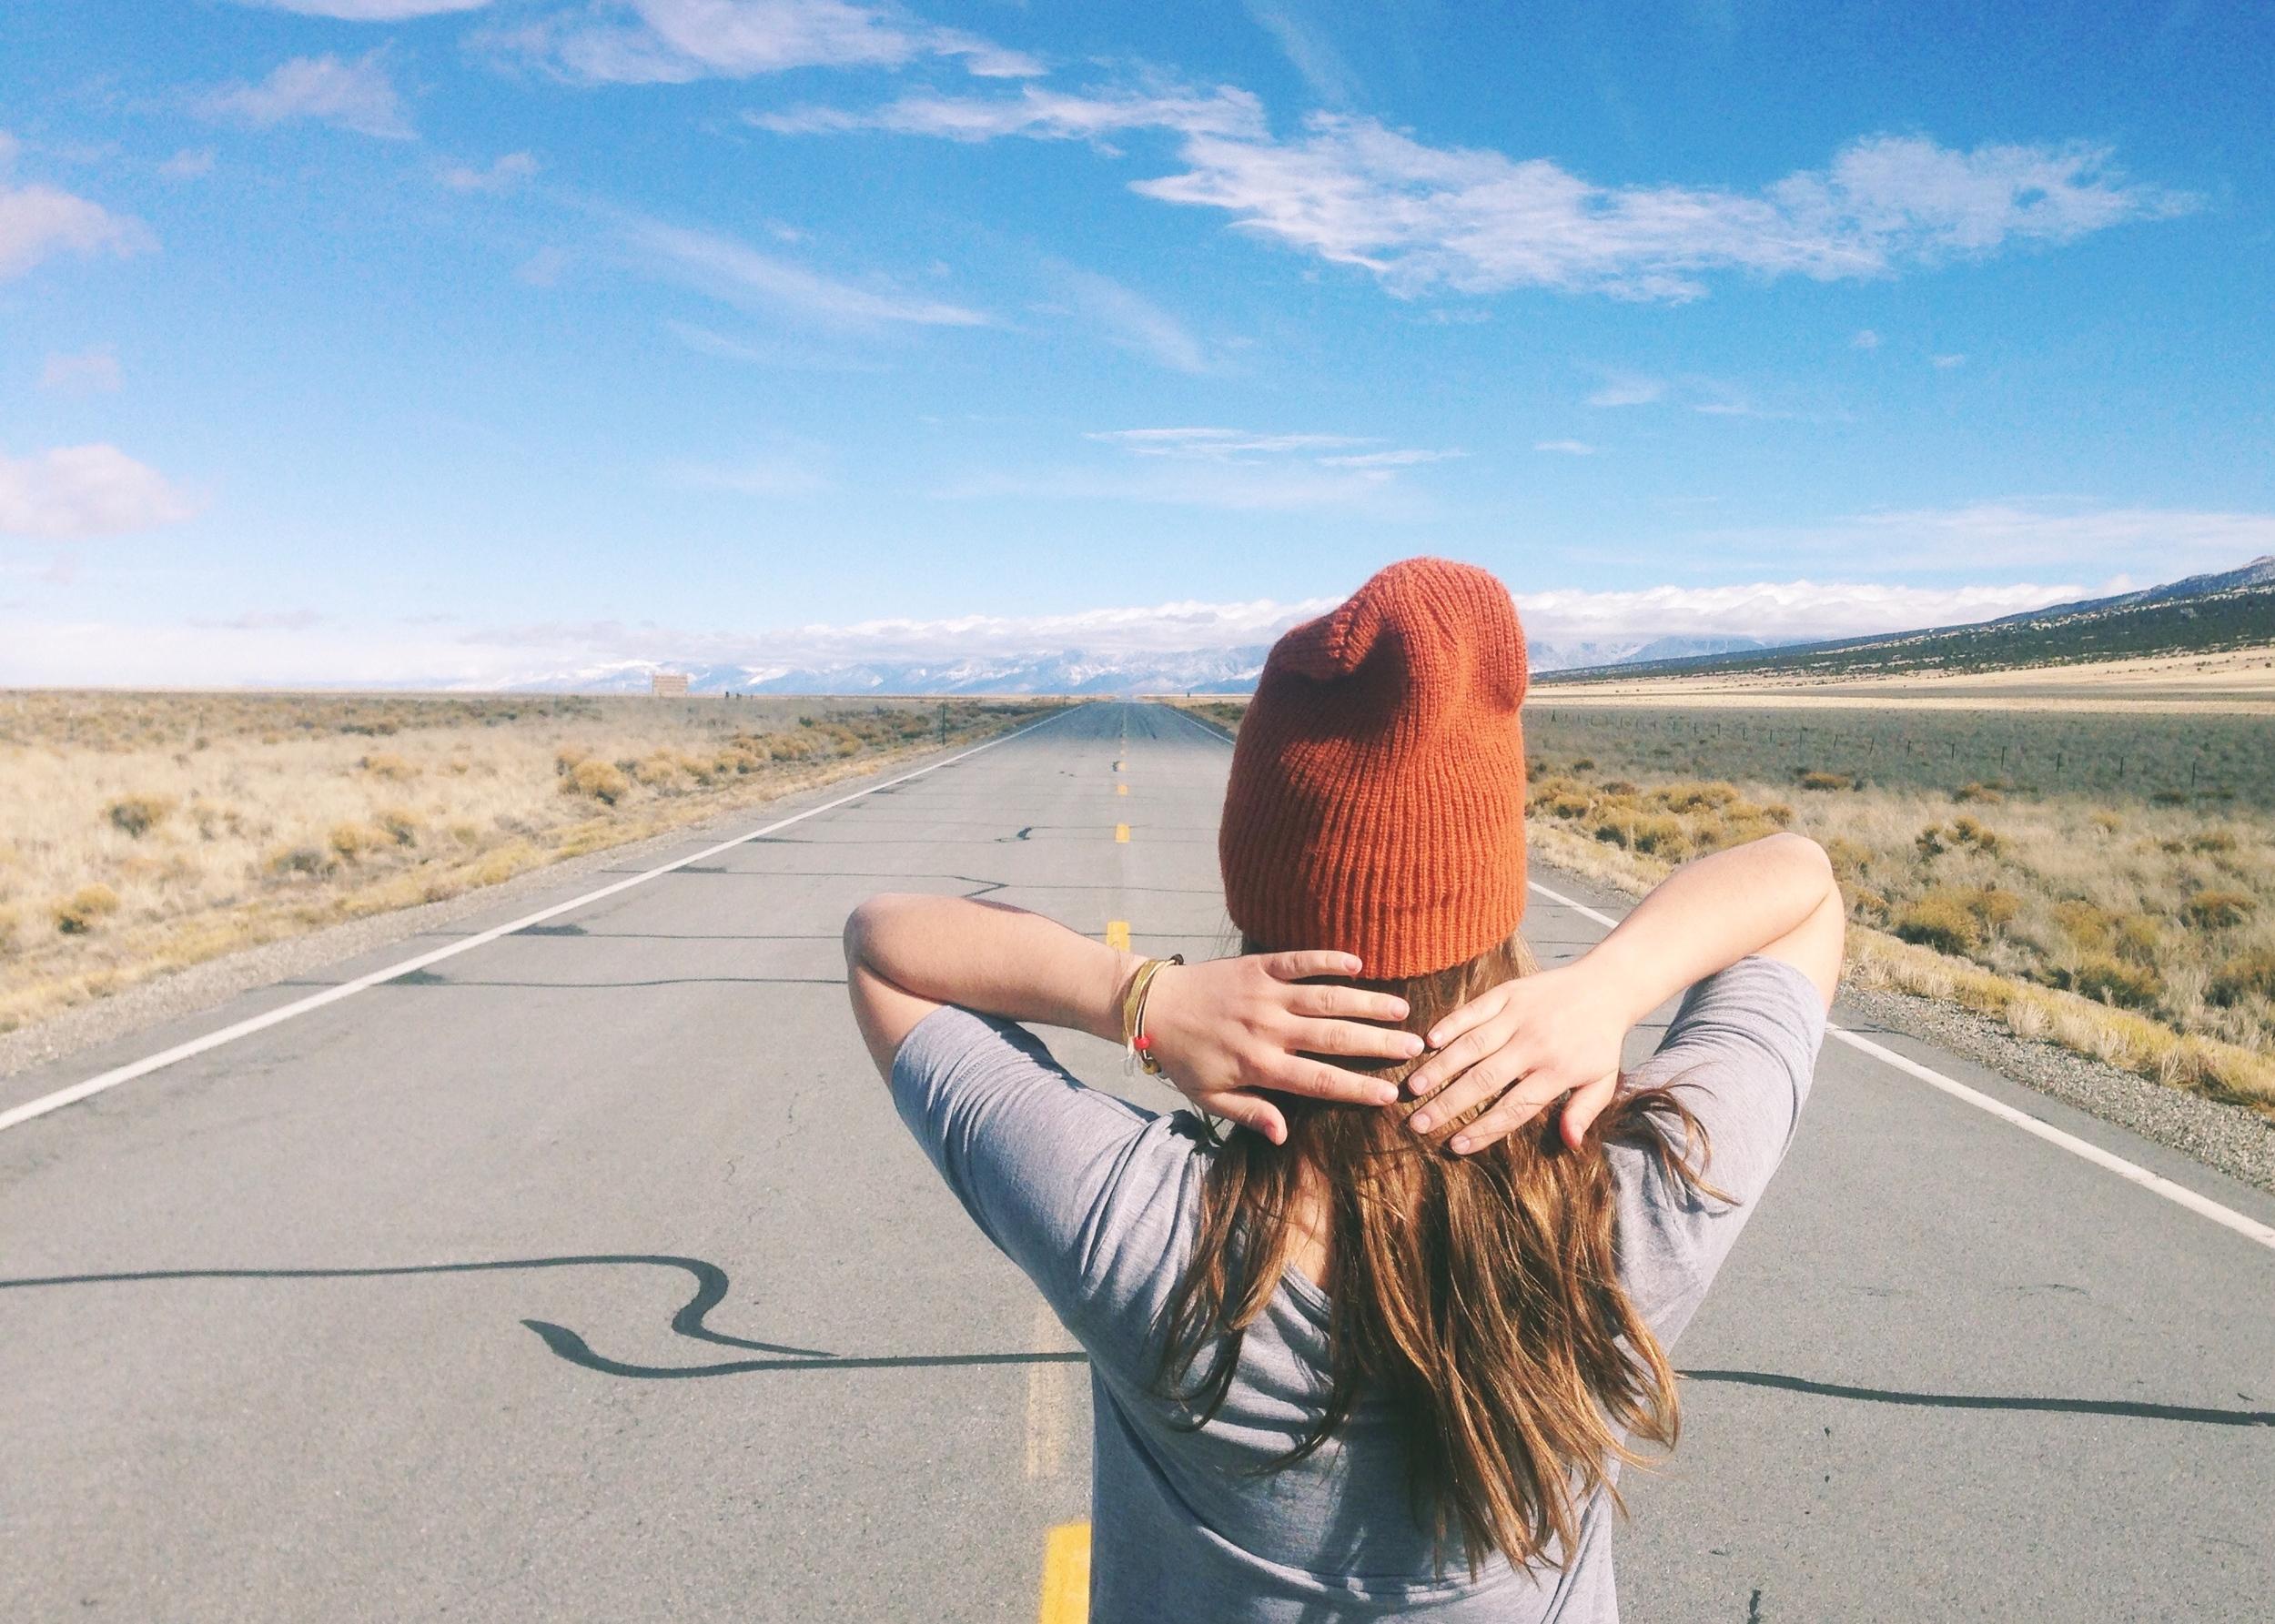 carolyn-monke-roadtrip-wanderlust.jpg